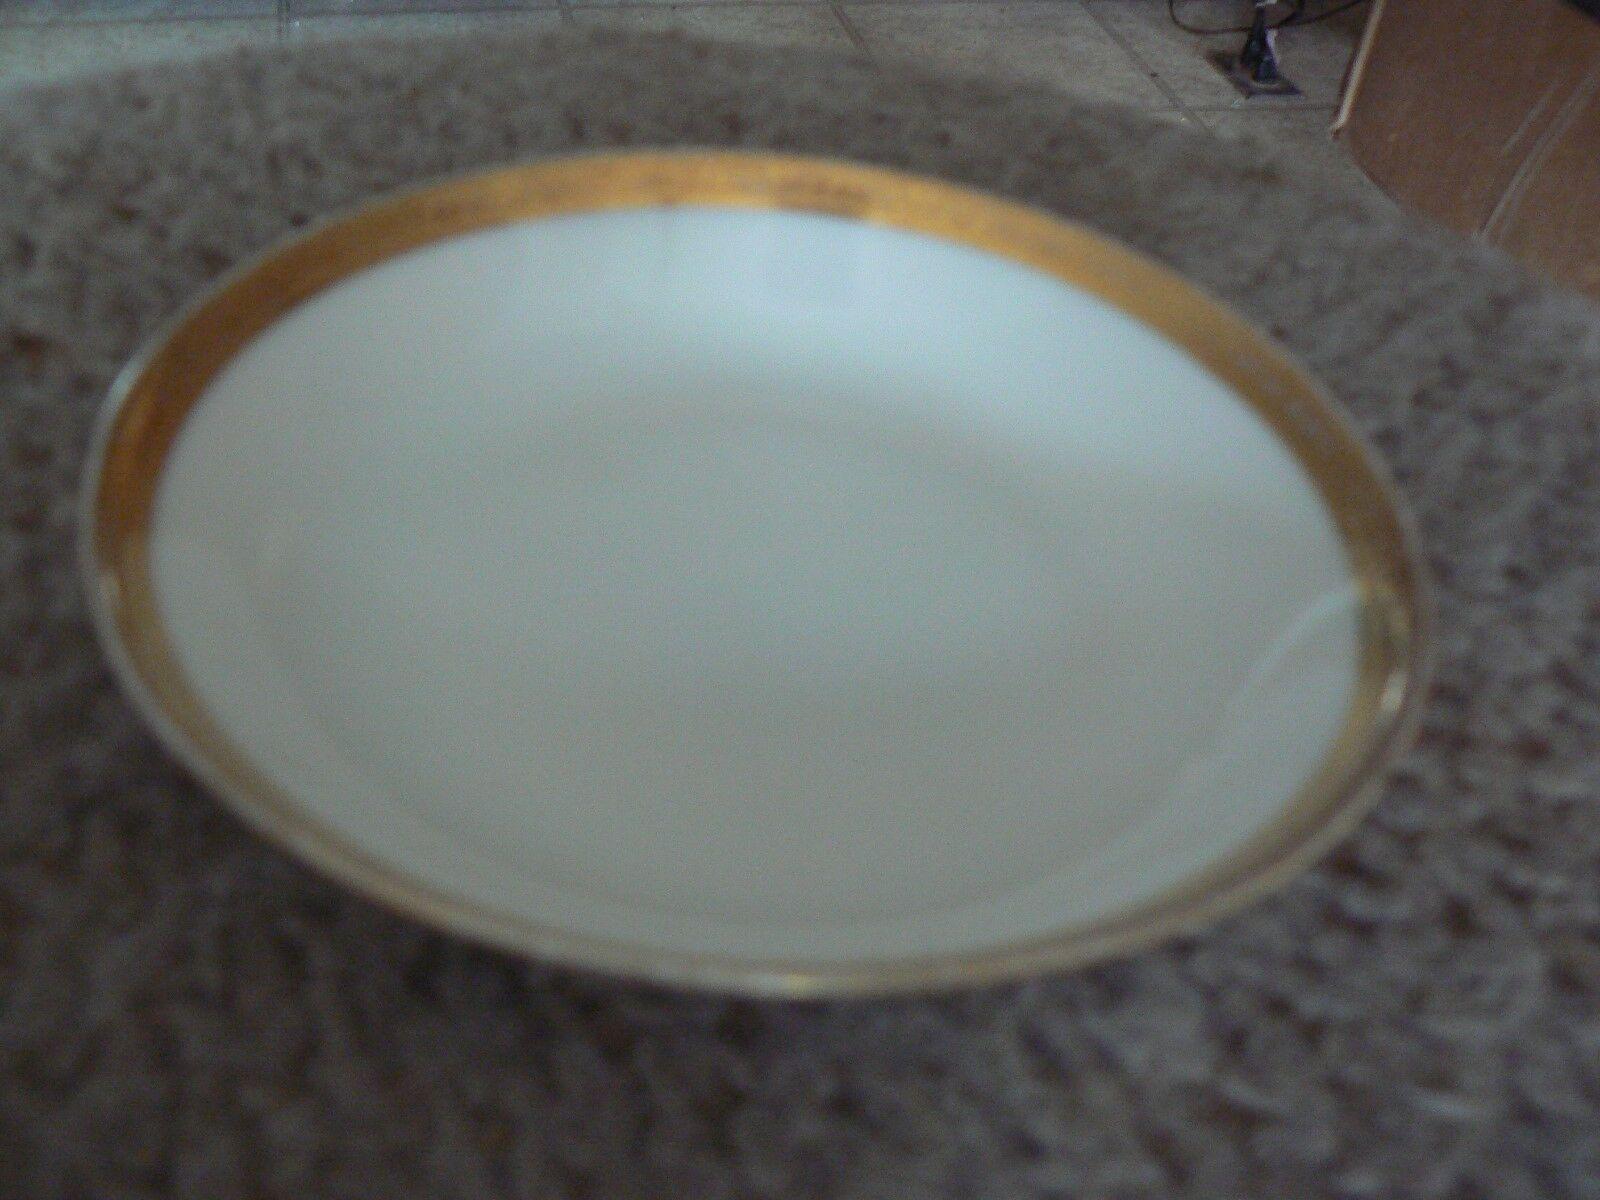 Hutschenreuter fruit bowl (HUT2014) 10 available - $2.92